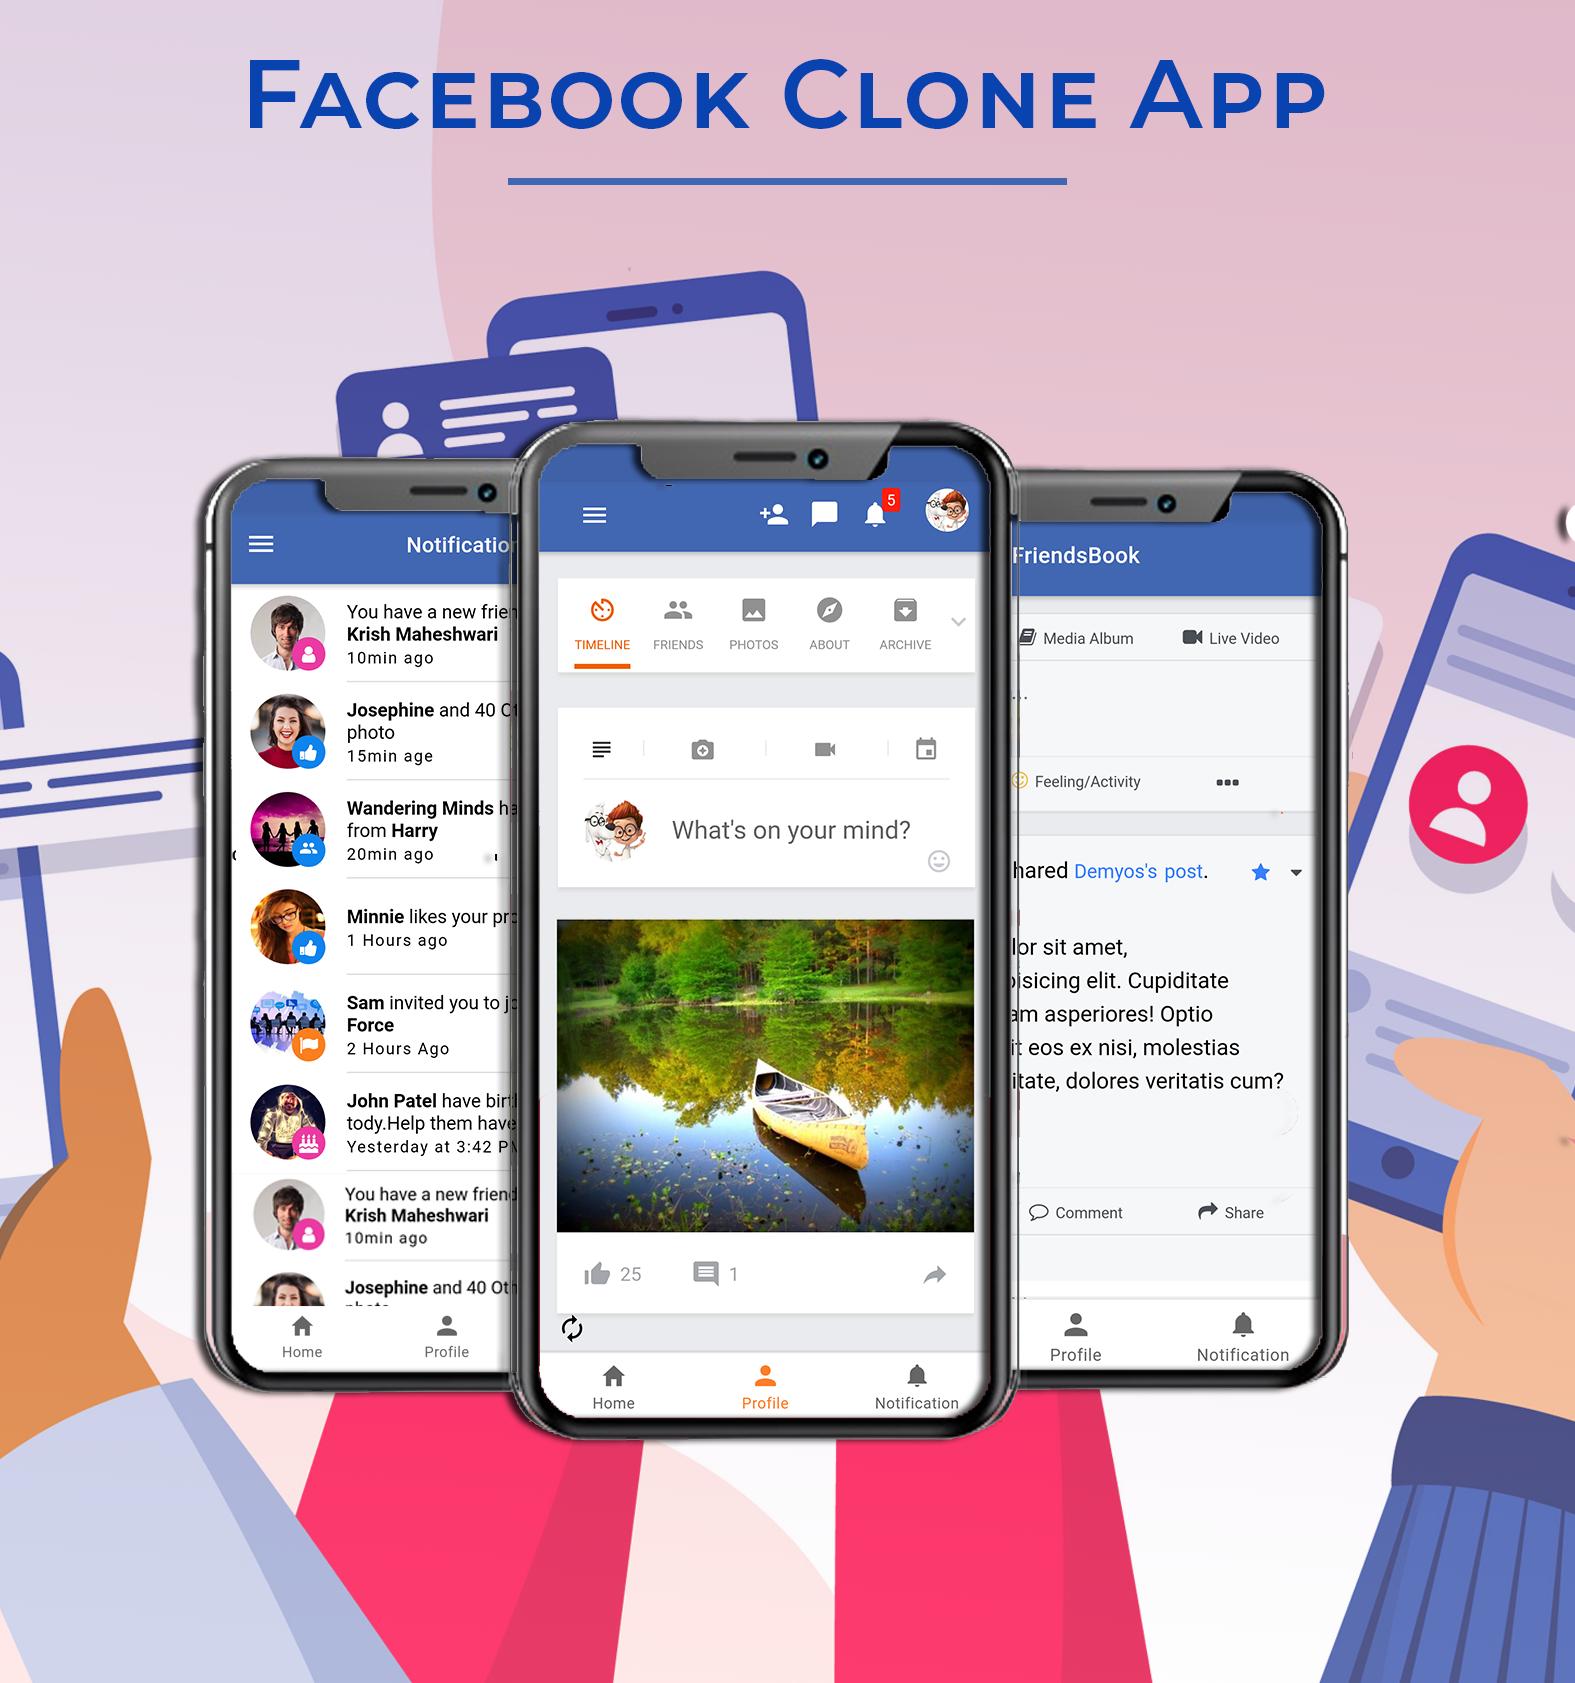 Facebook Clone App